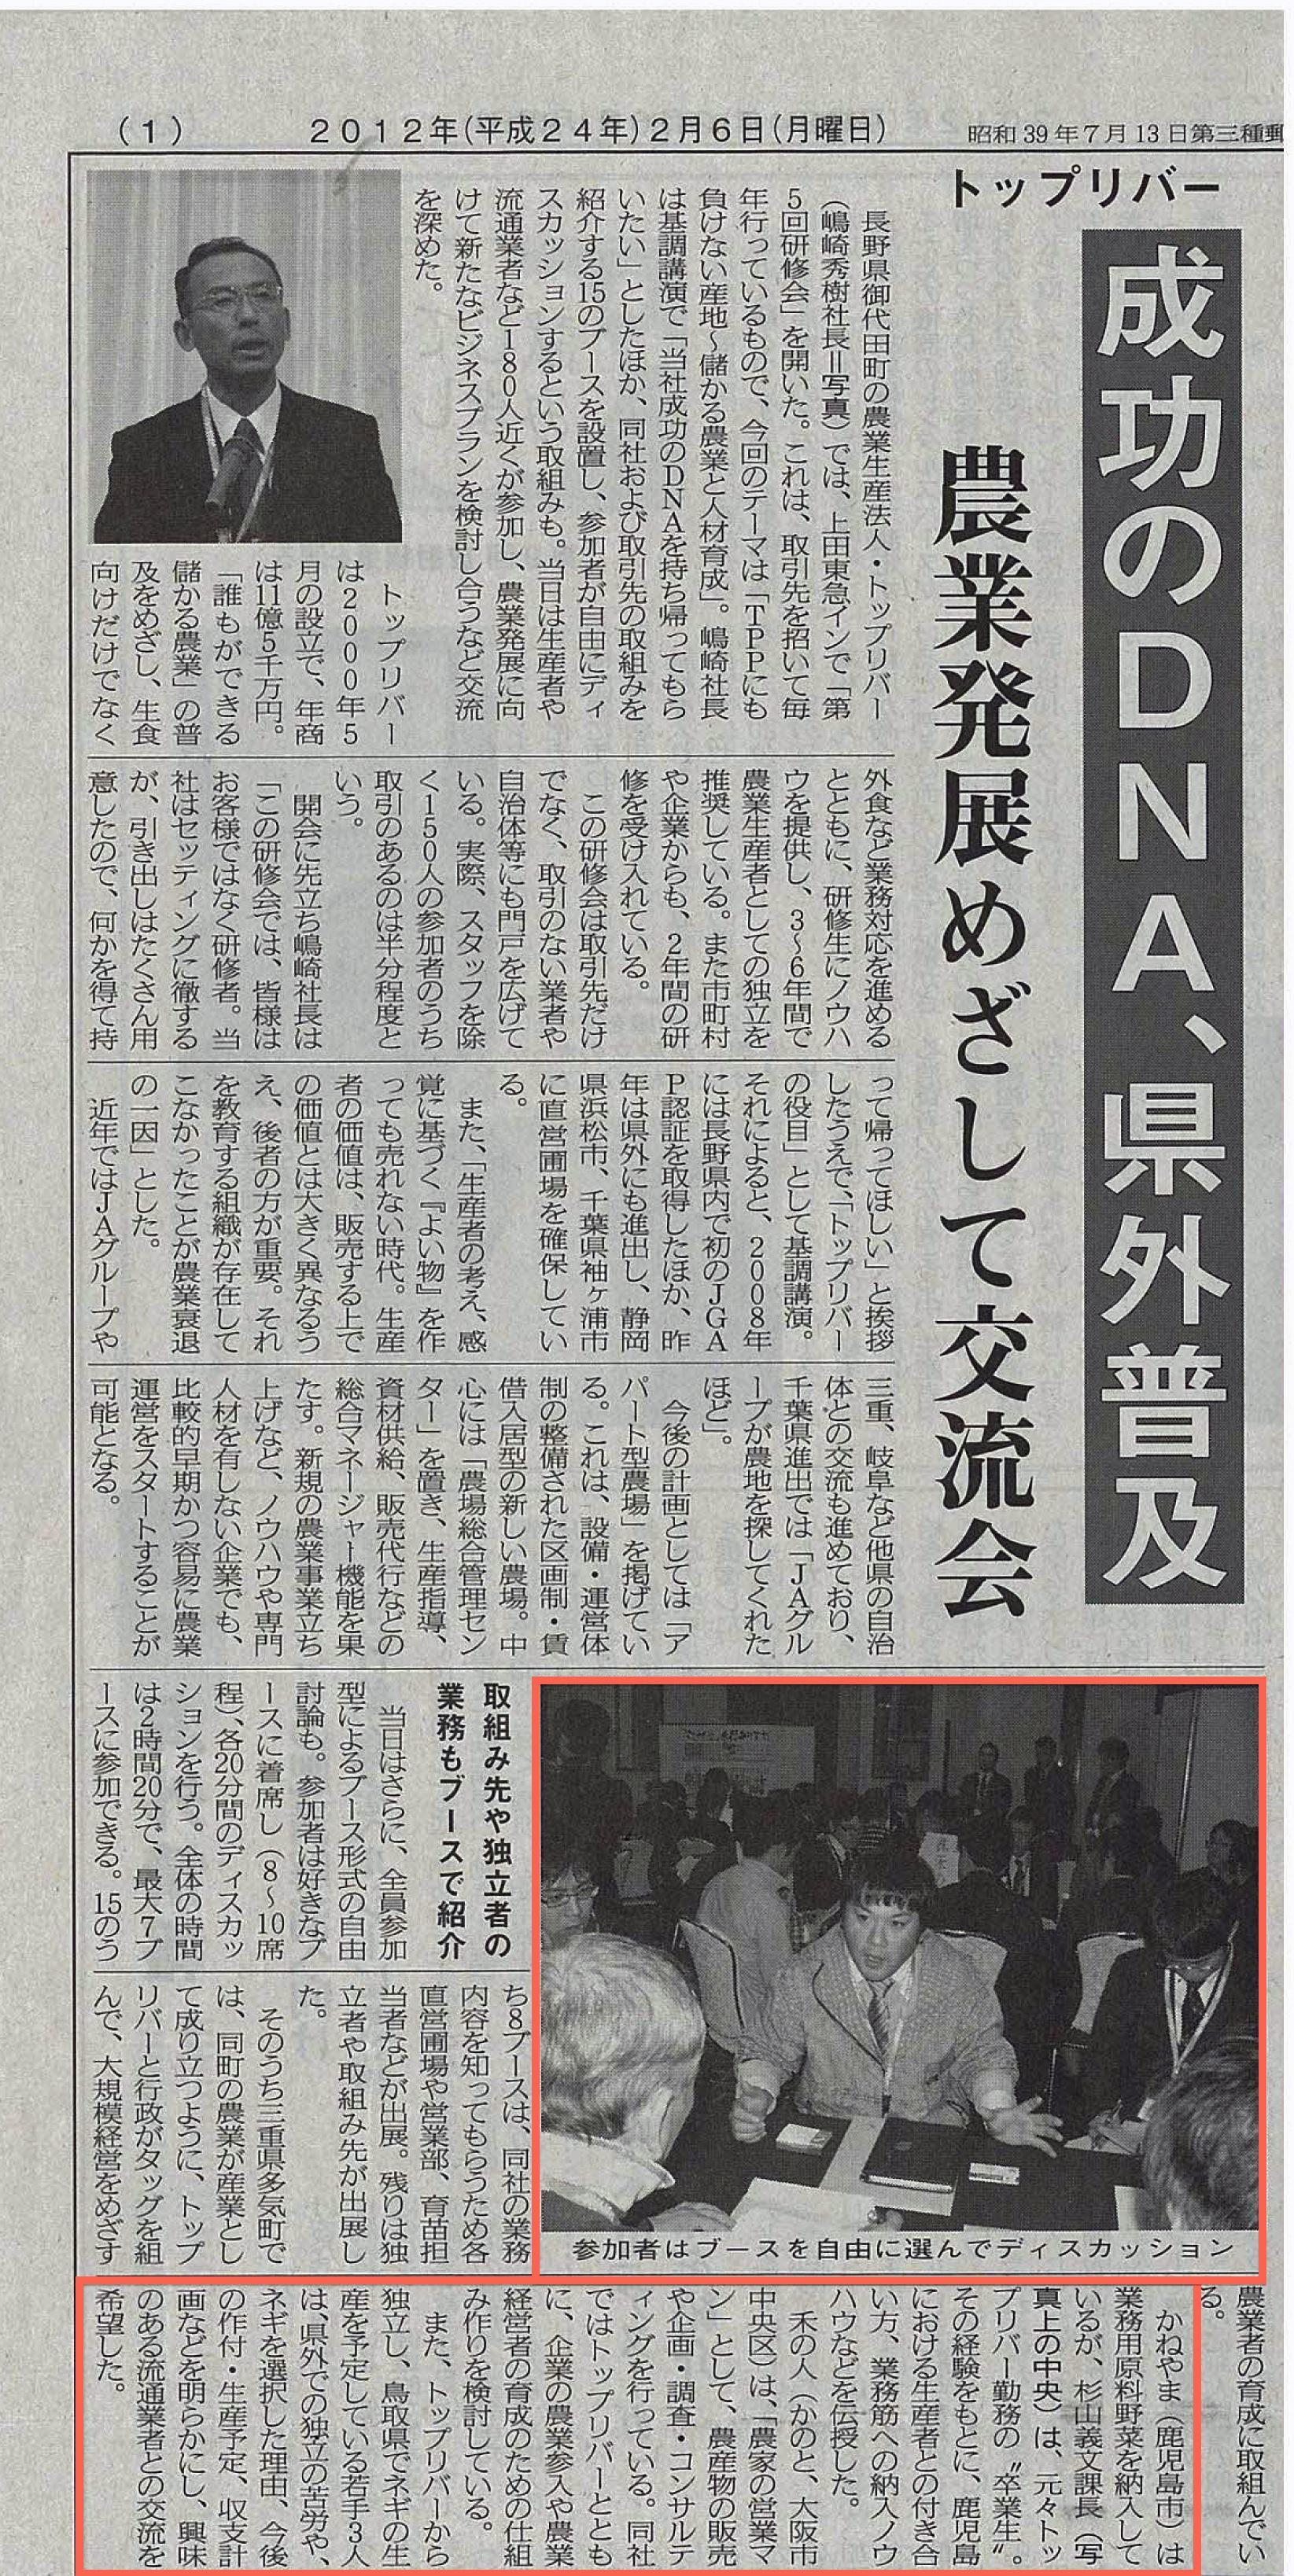 【メディア掲載】2012年2月6日 農経新聞社